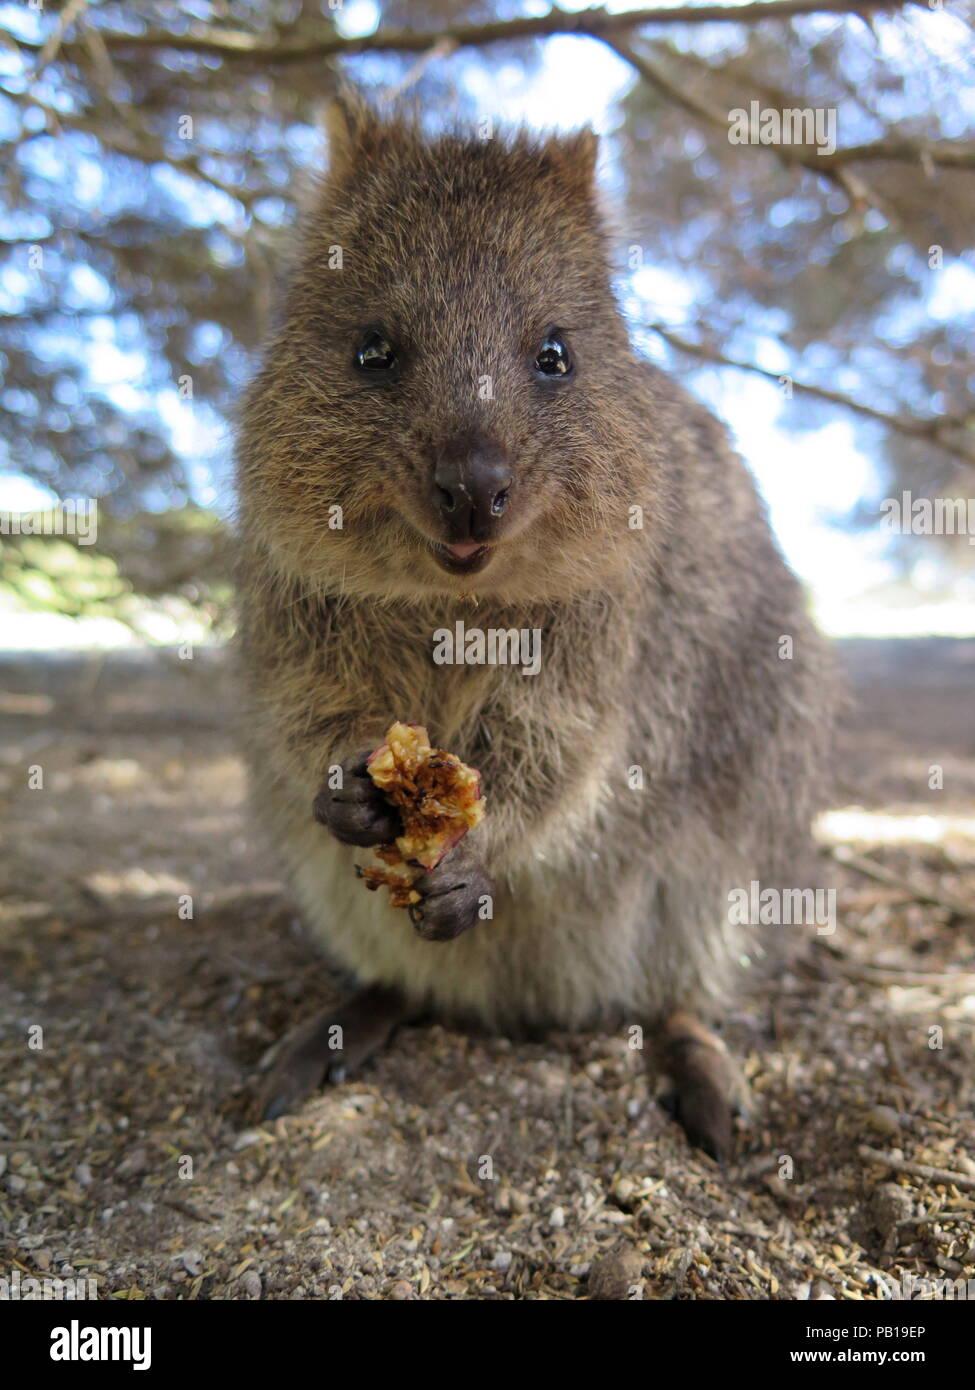 Glücklichste Tier auf Erden - Quokka-Setonix brachyurus ...